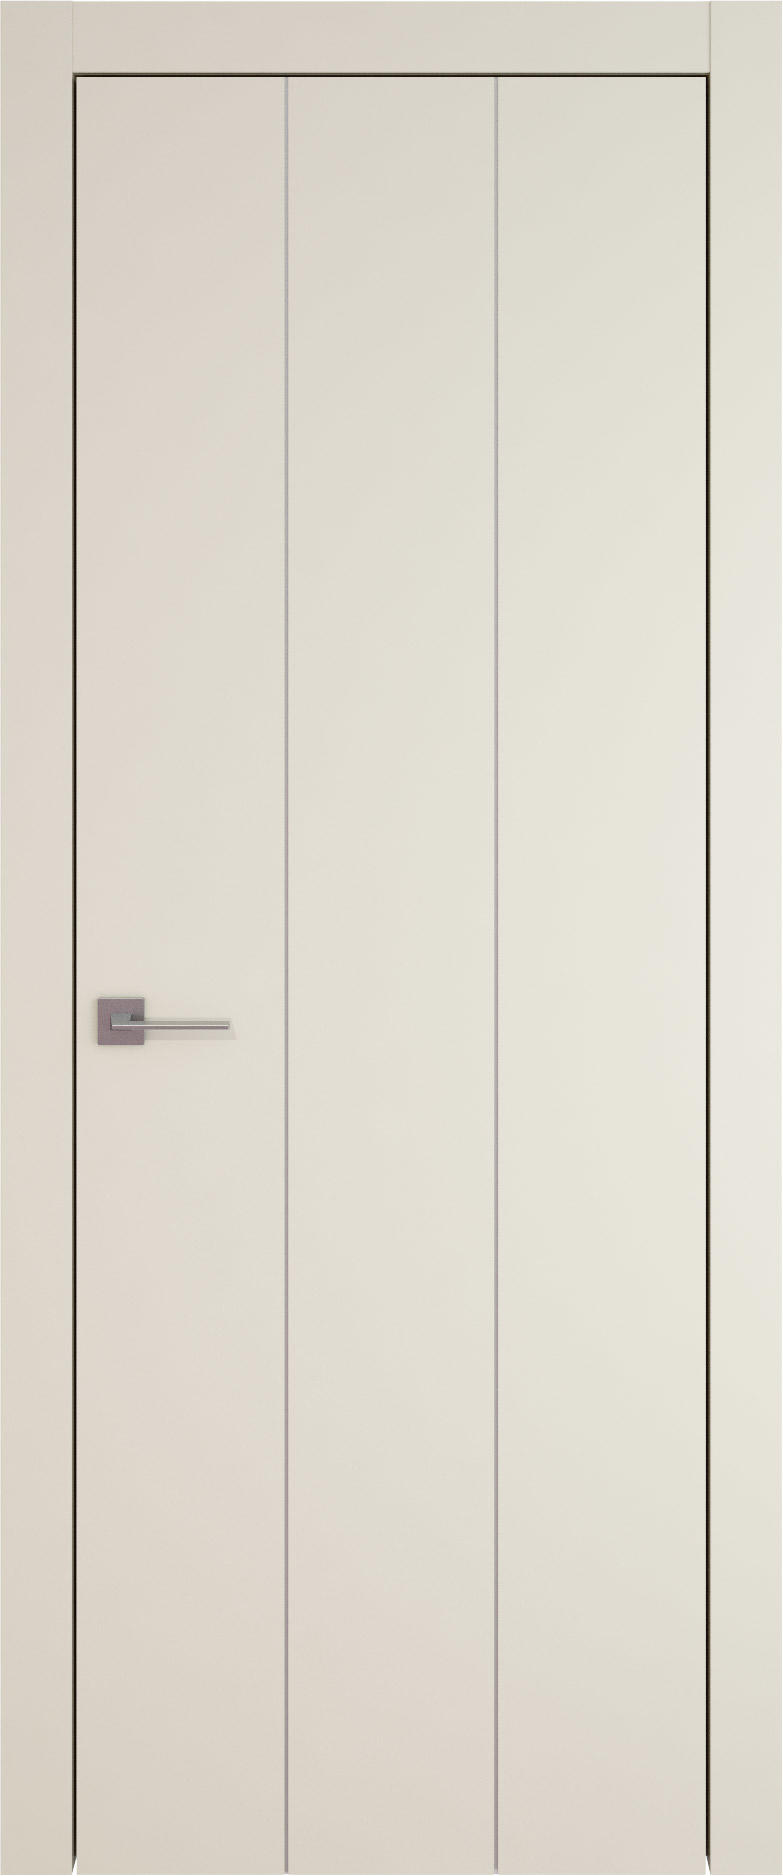 Tivoli Б-1 цвет - Жемчужная эмаль (RAL 1013) Без стекла (ДГ)